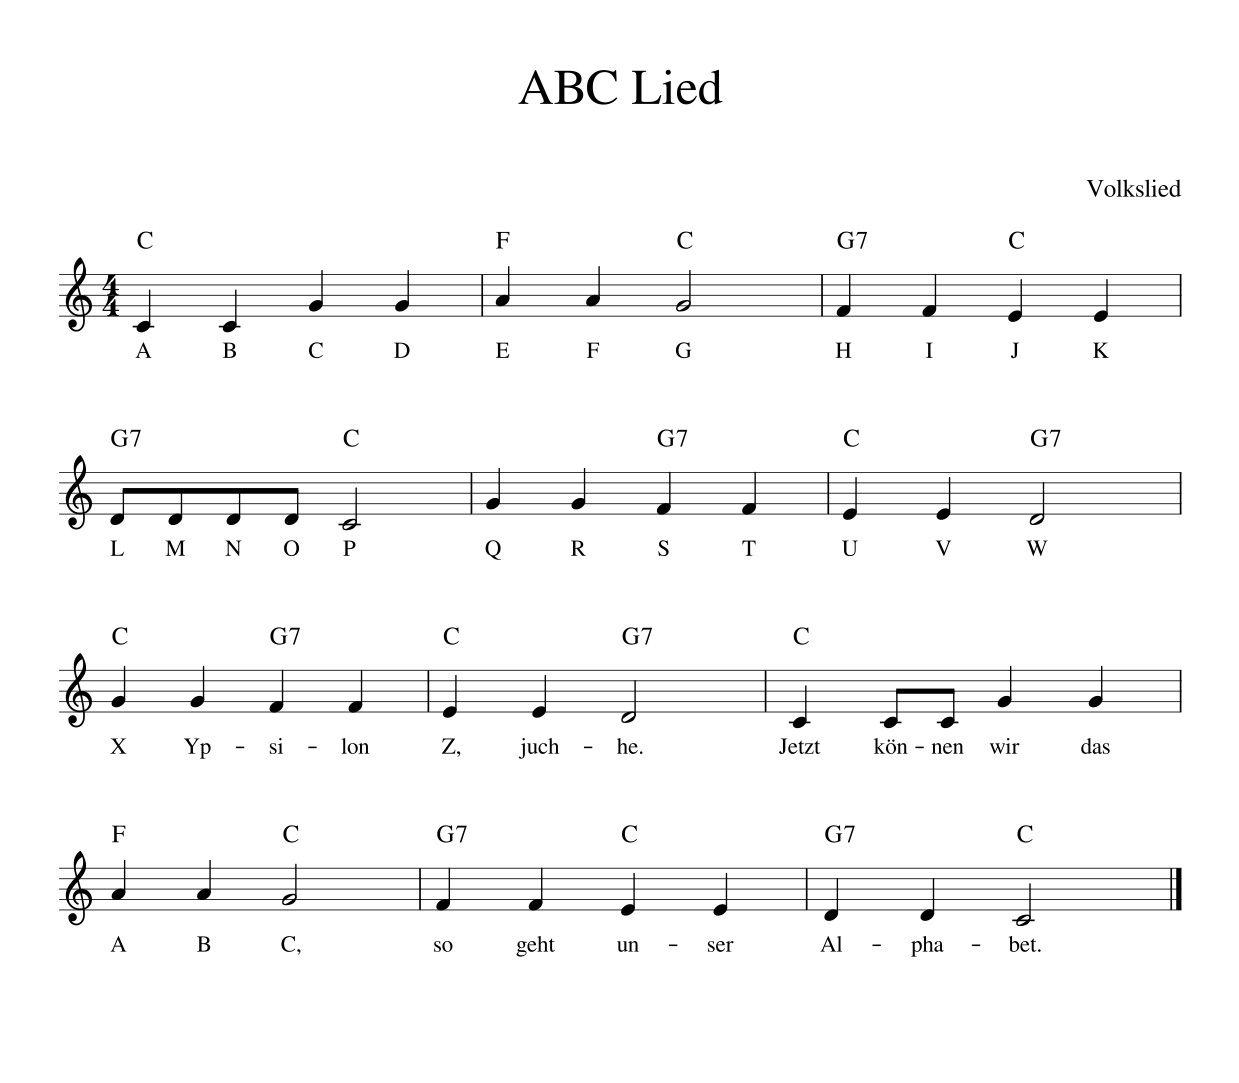 Noten Text Das ABC Lied Das ABC Lied oder Alphabet Lied ist ein Kinderlied, mit … – Kinderlieder von muenchenmedia